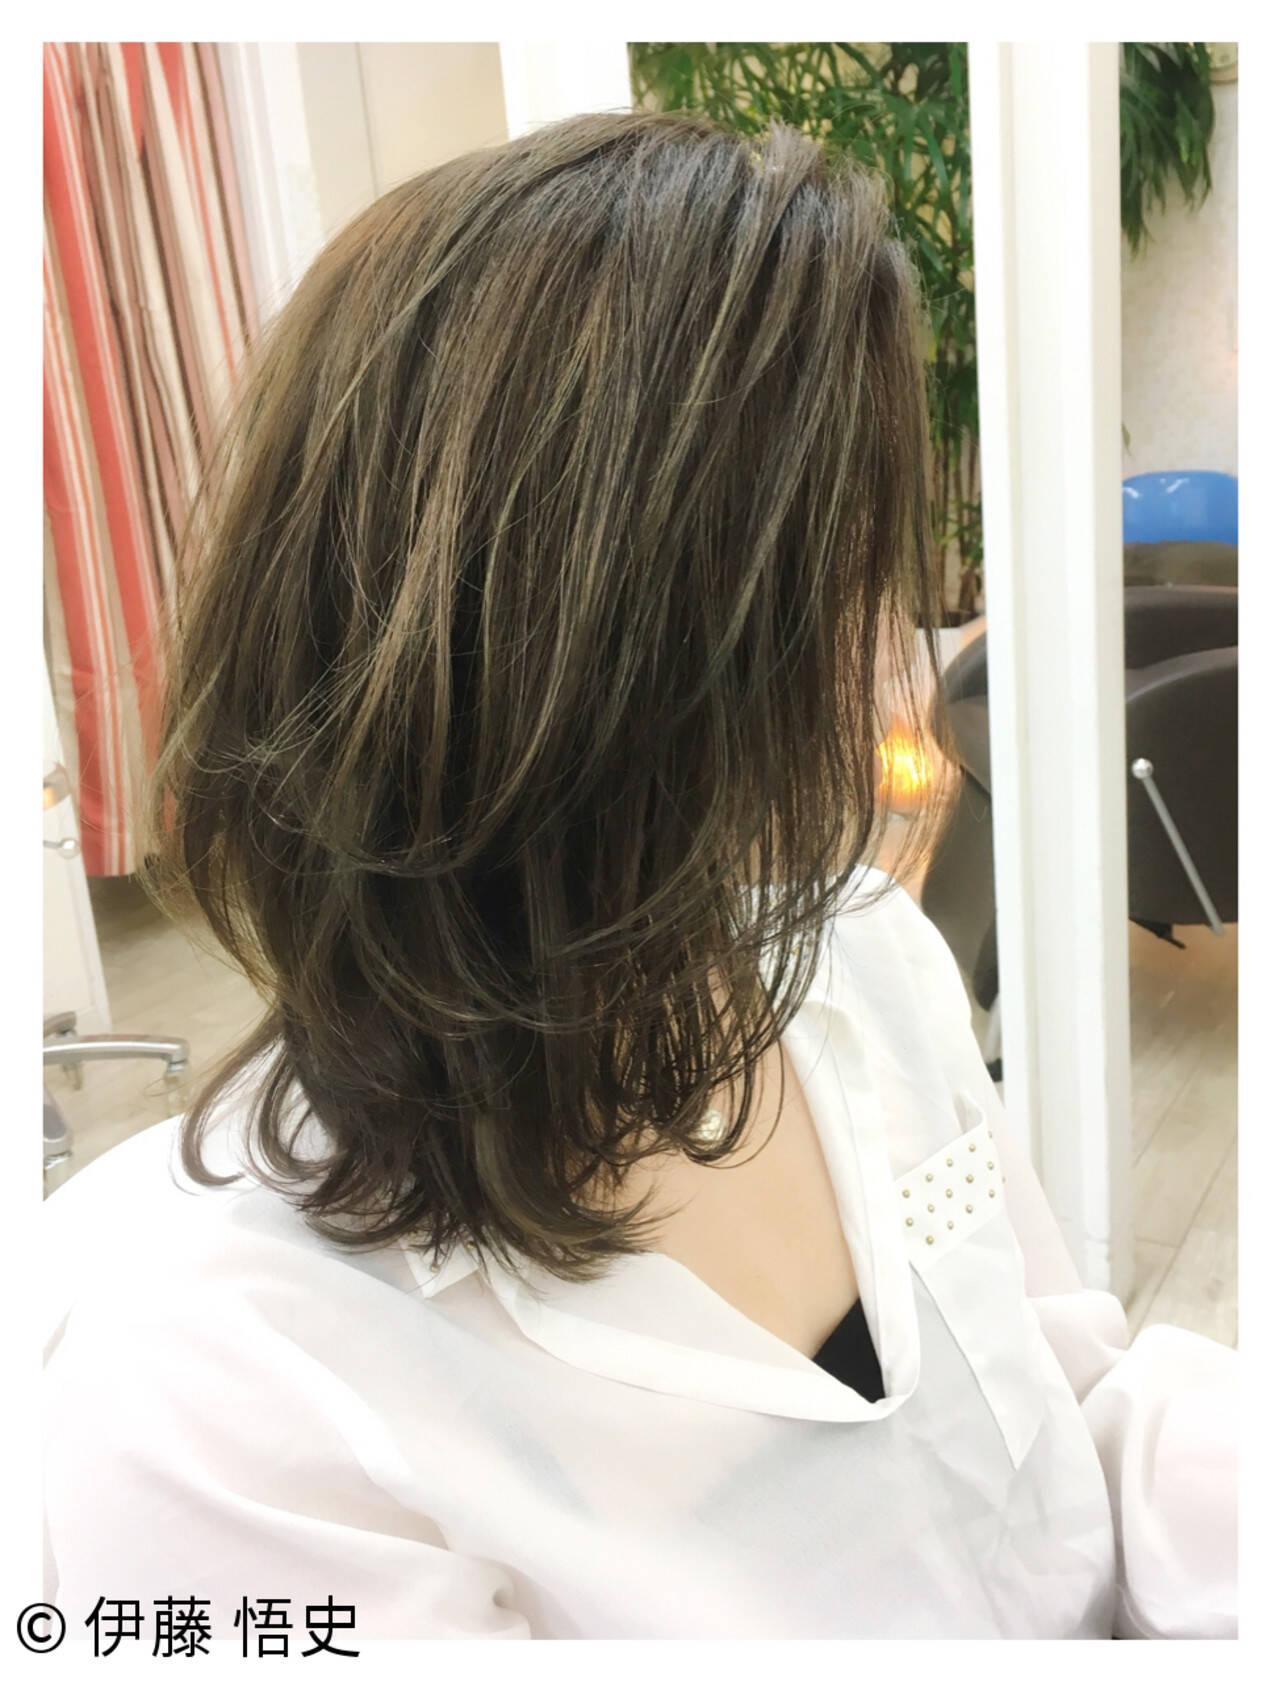 大人女子 レイヤーカット ナチュラル 大人かわいいヘアスタイルや髪型の写真・画像